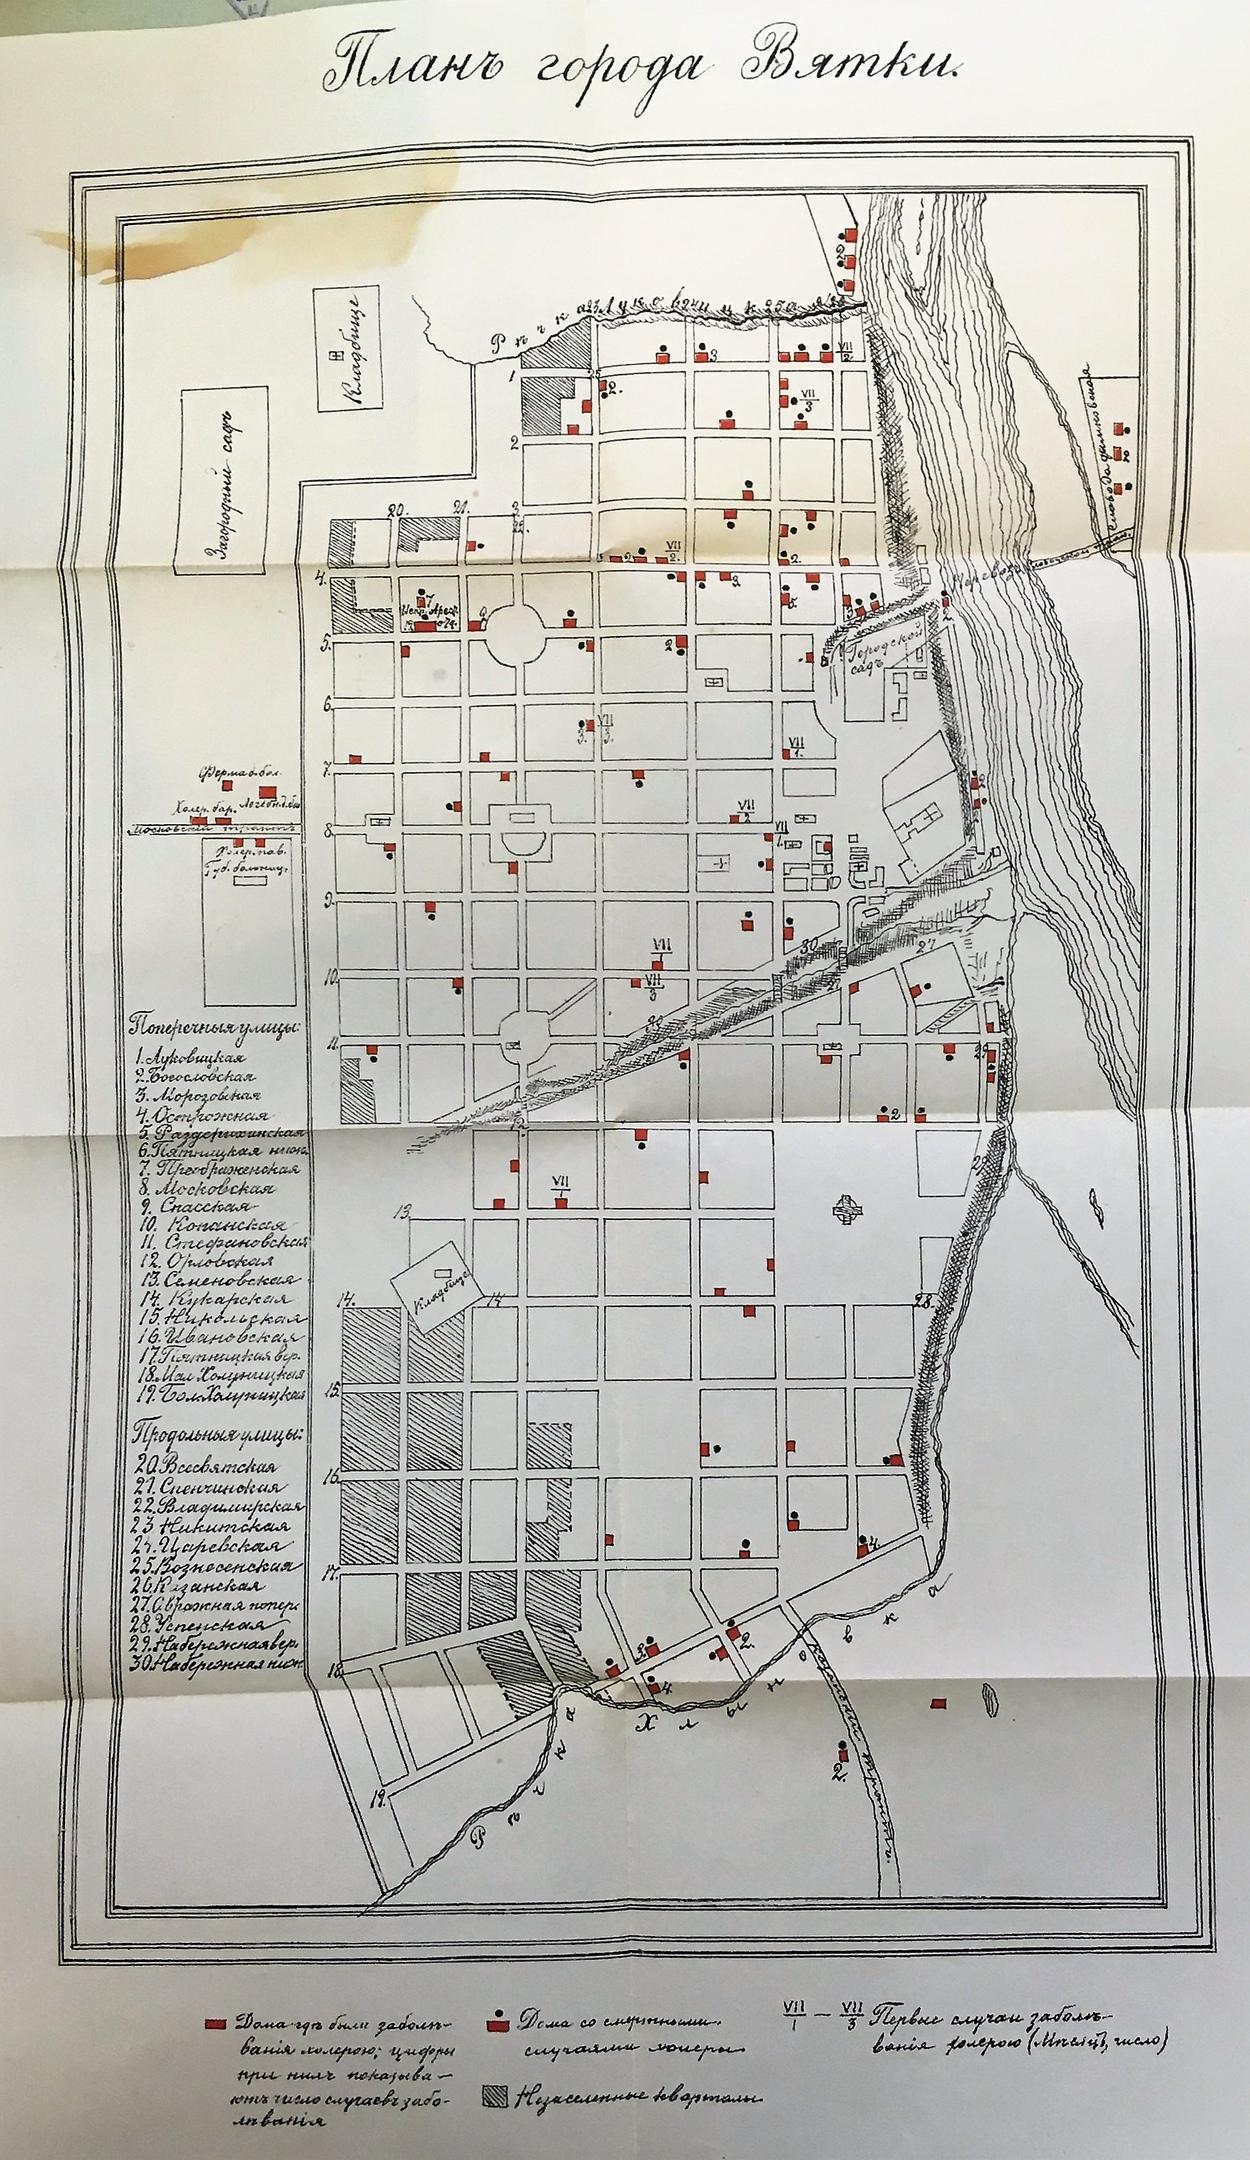 Карта Вятки, на которой доктором Праздниковым были отмечены все дома, в которых обнаружили случаи заболеваний и смертей. Красные точки в основном встречаются в северной части города, в районах где жили и работали вятские пролетарии.